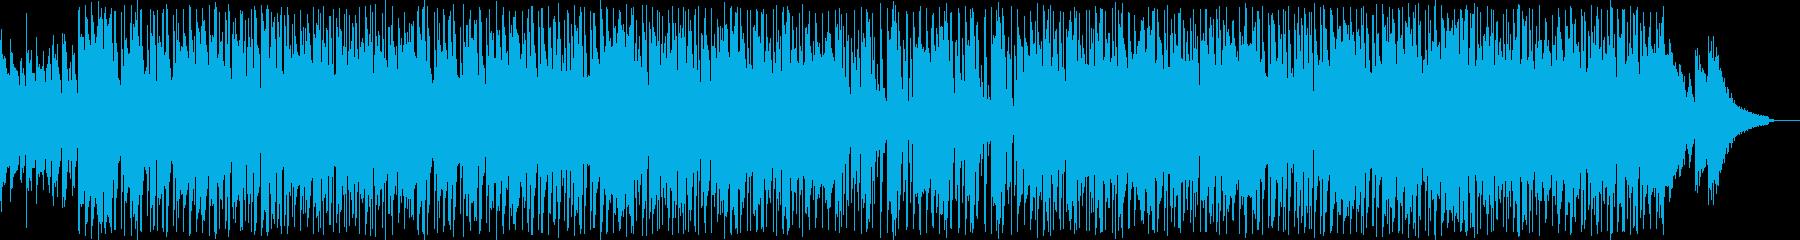 アーバンなヒップホップ風トラックの再生済みの波形